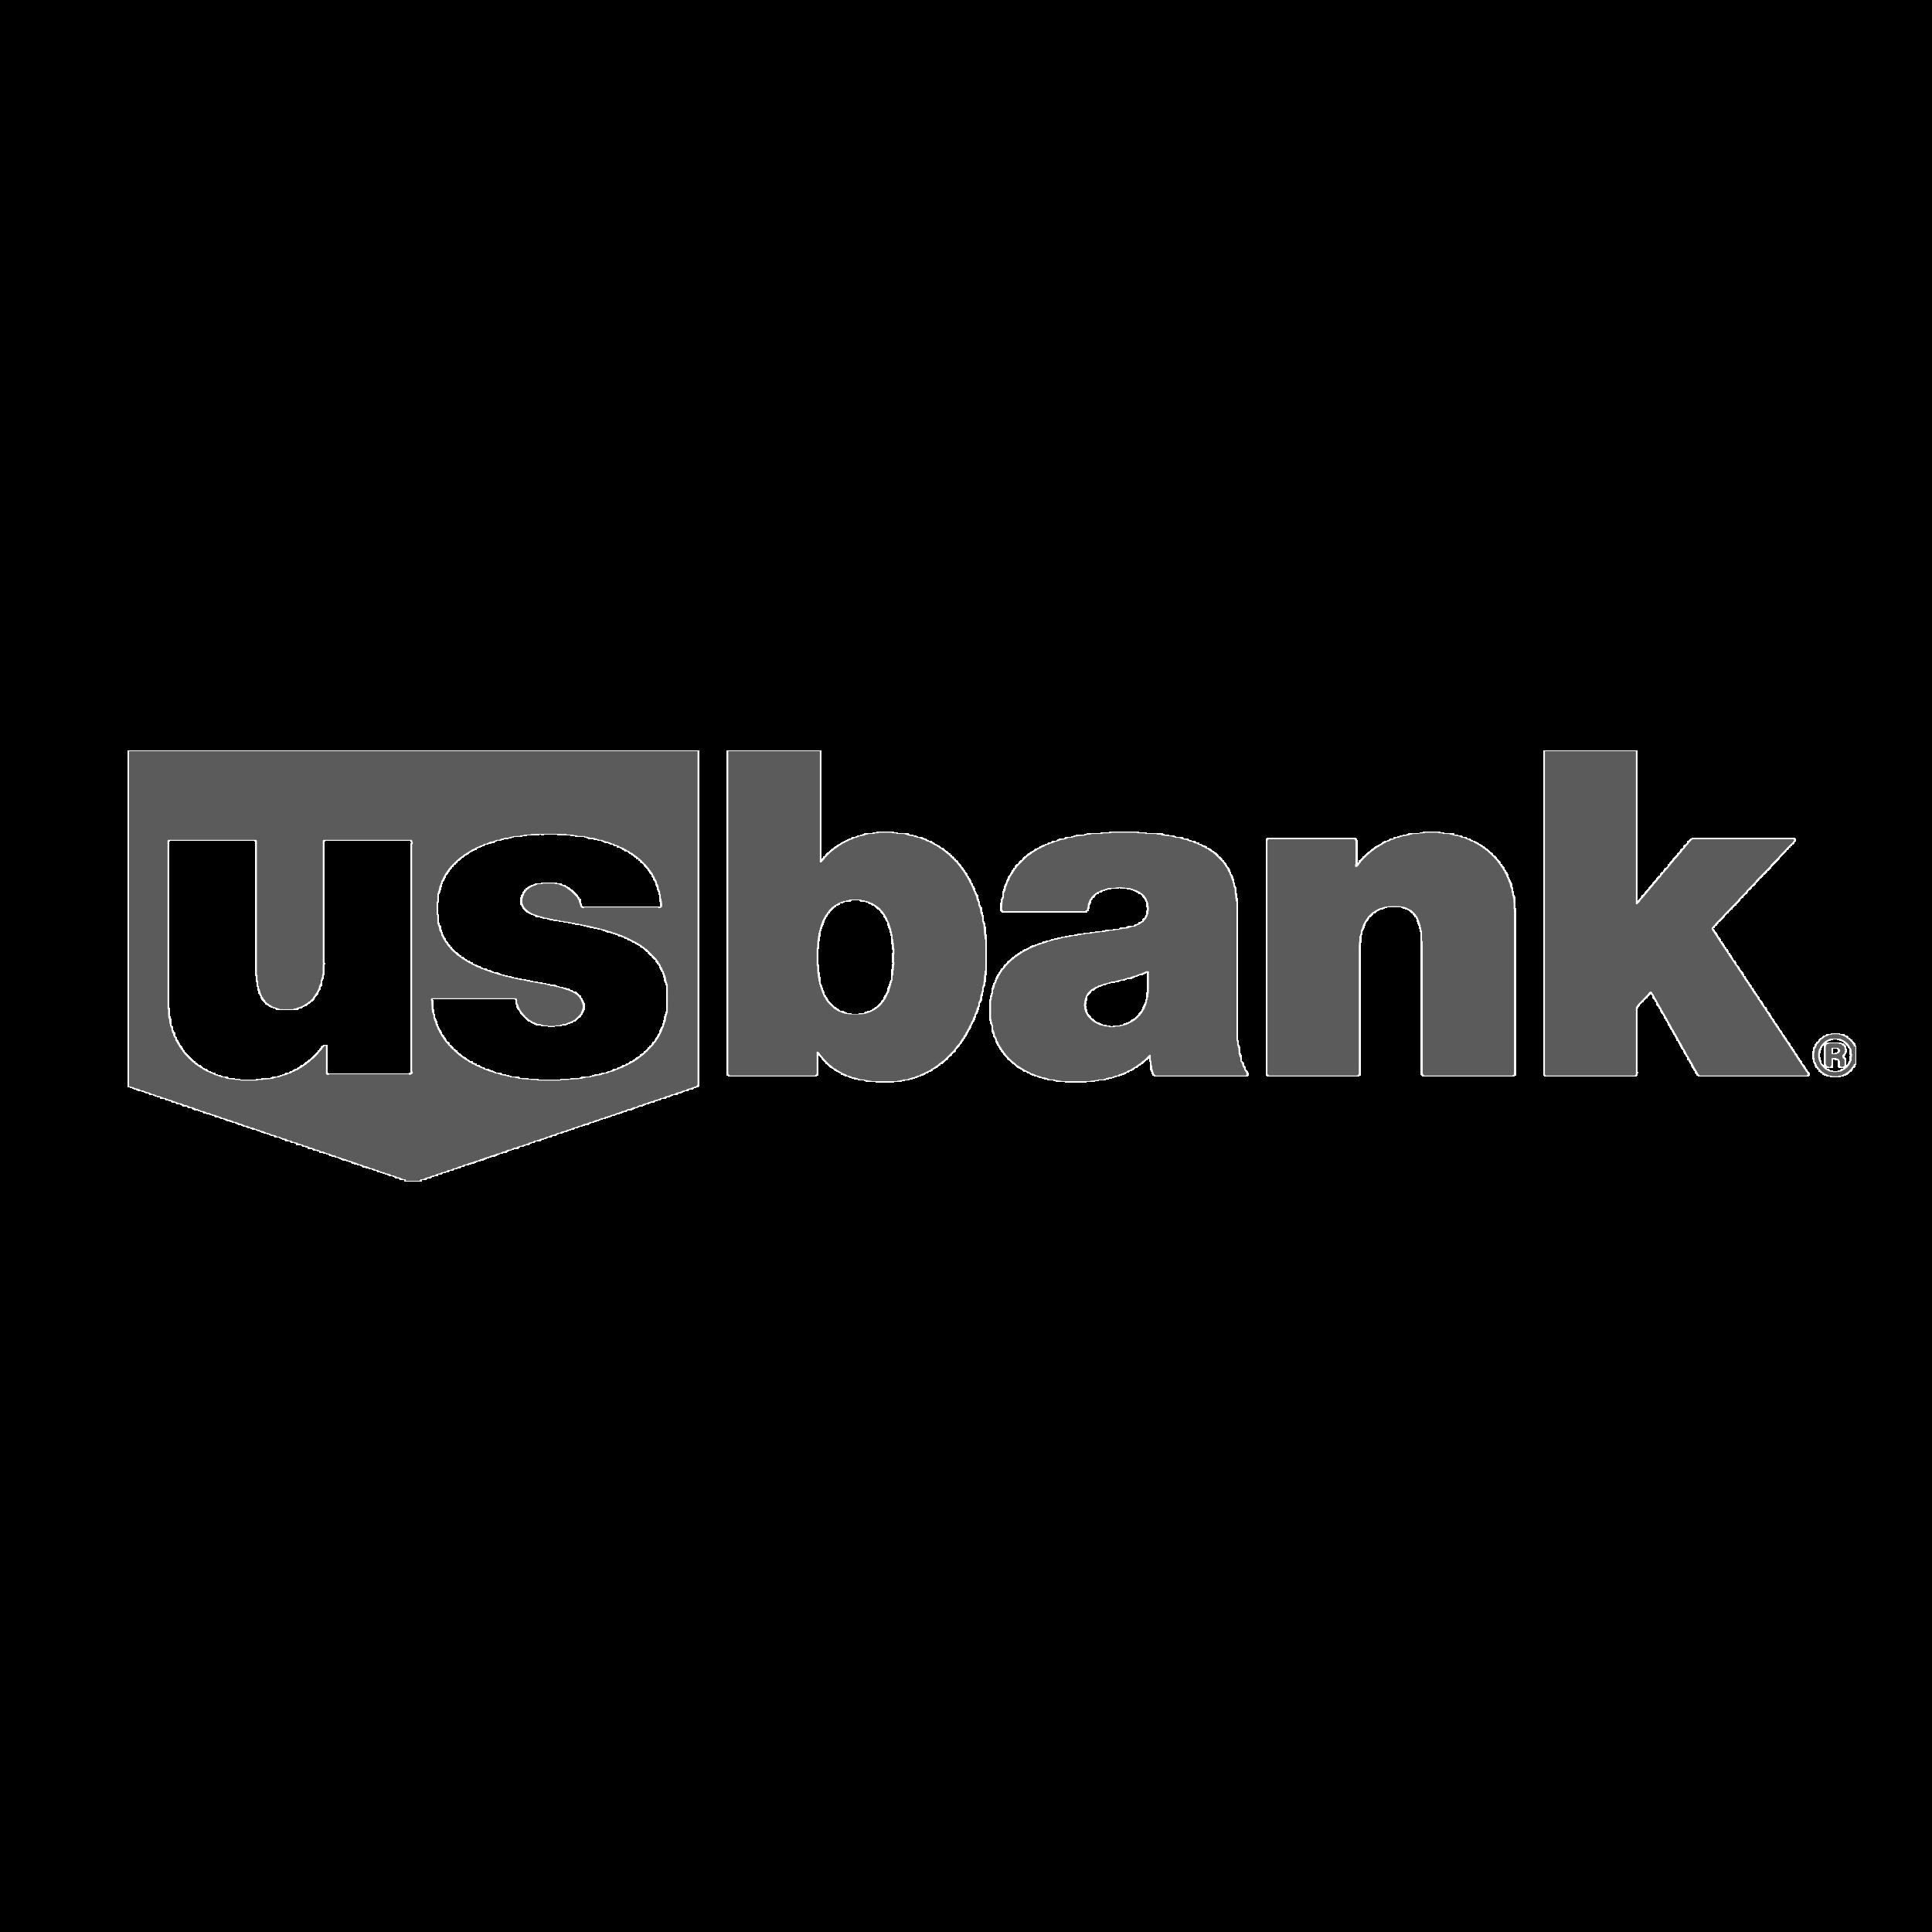 grey-us-bank.png